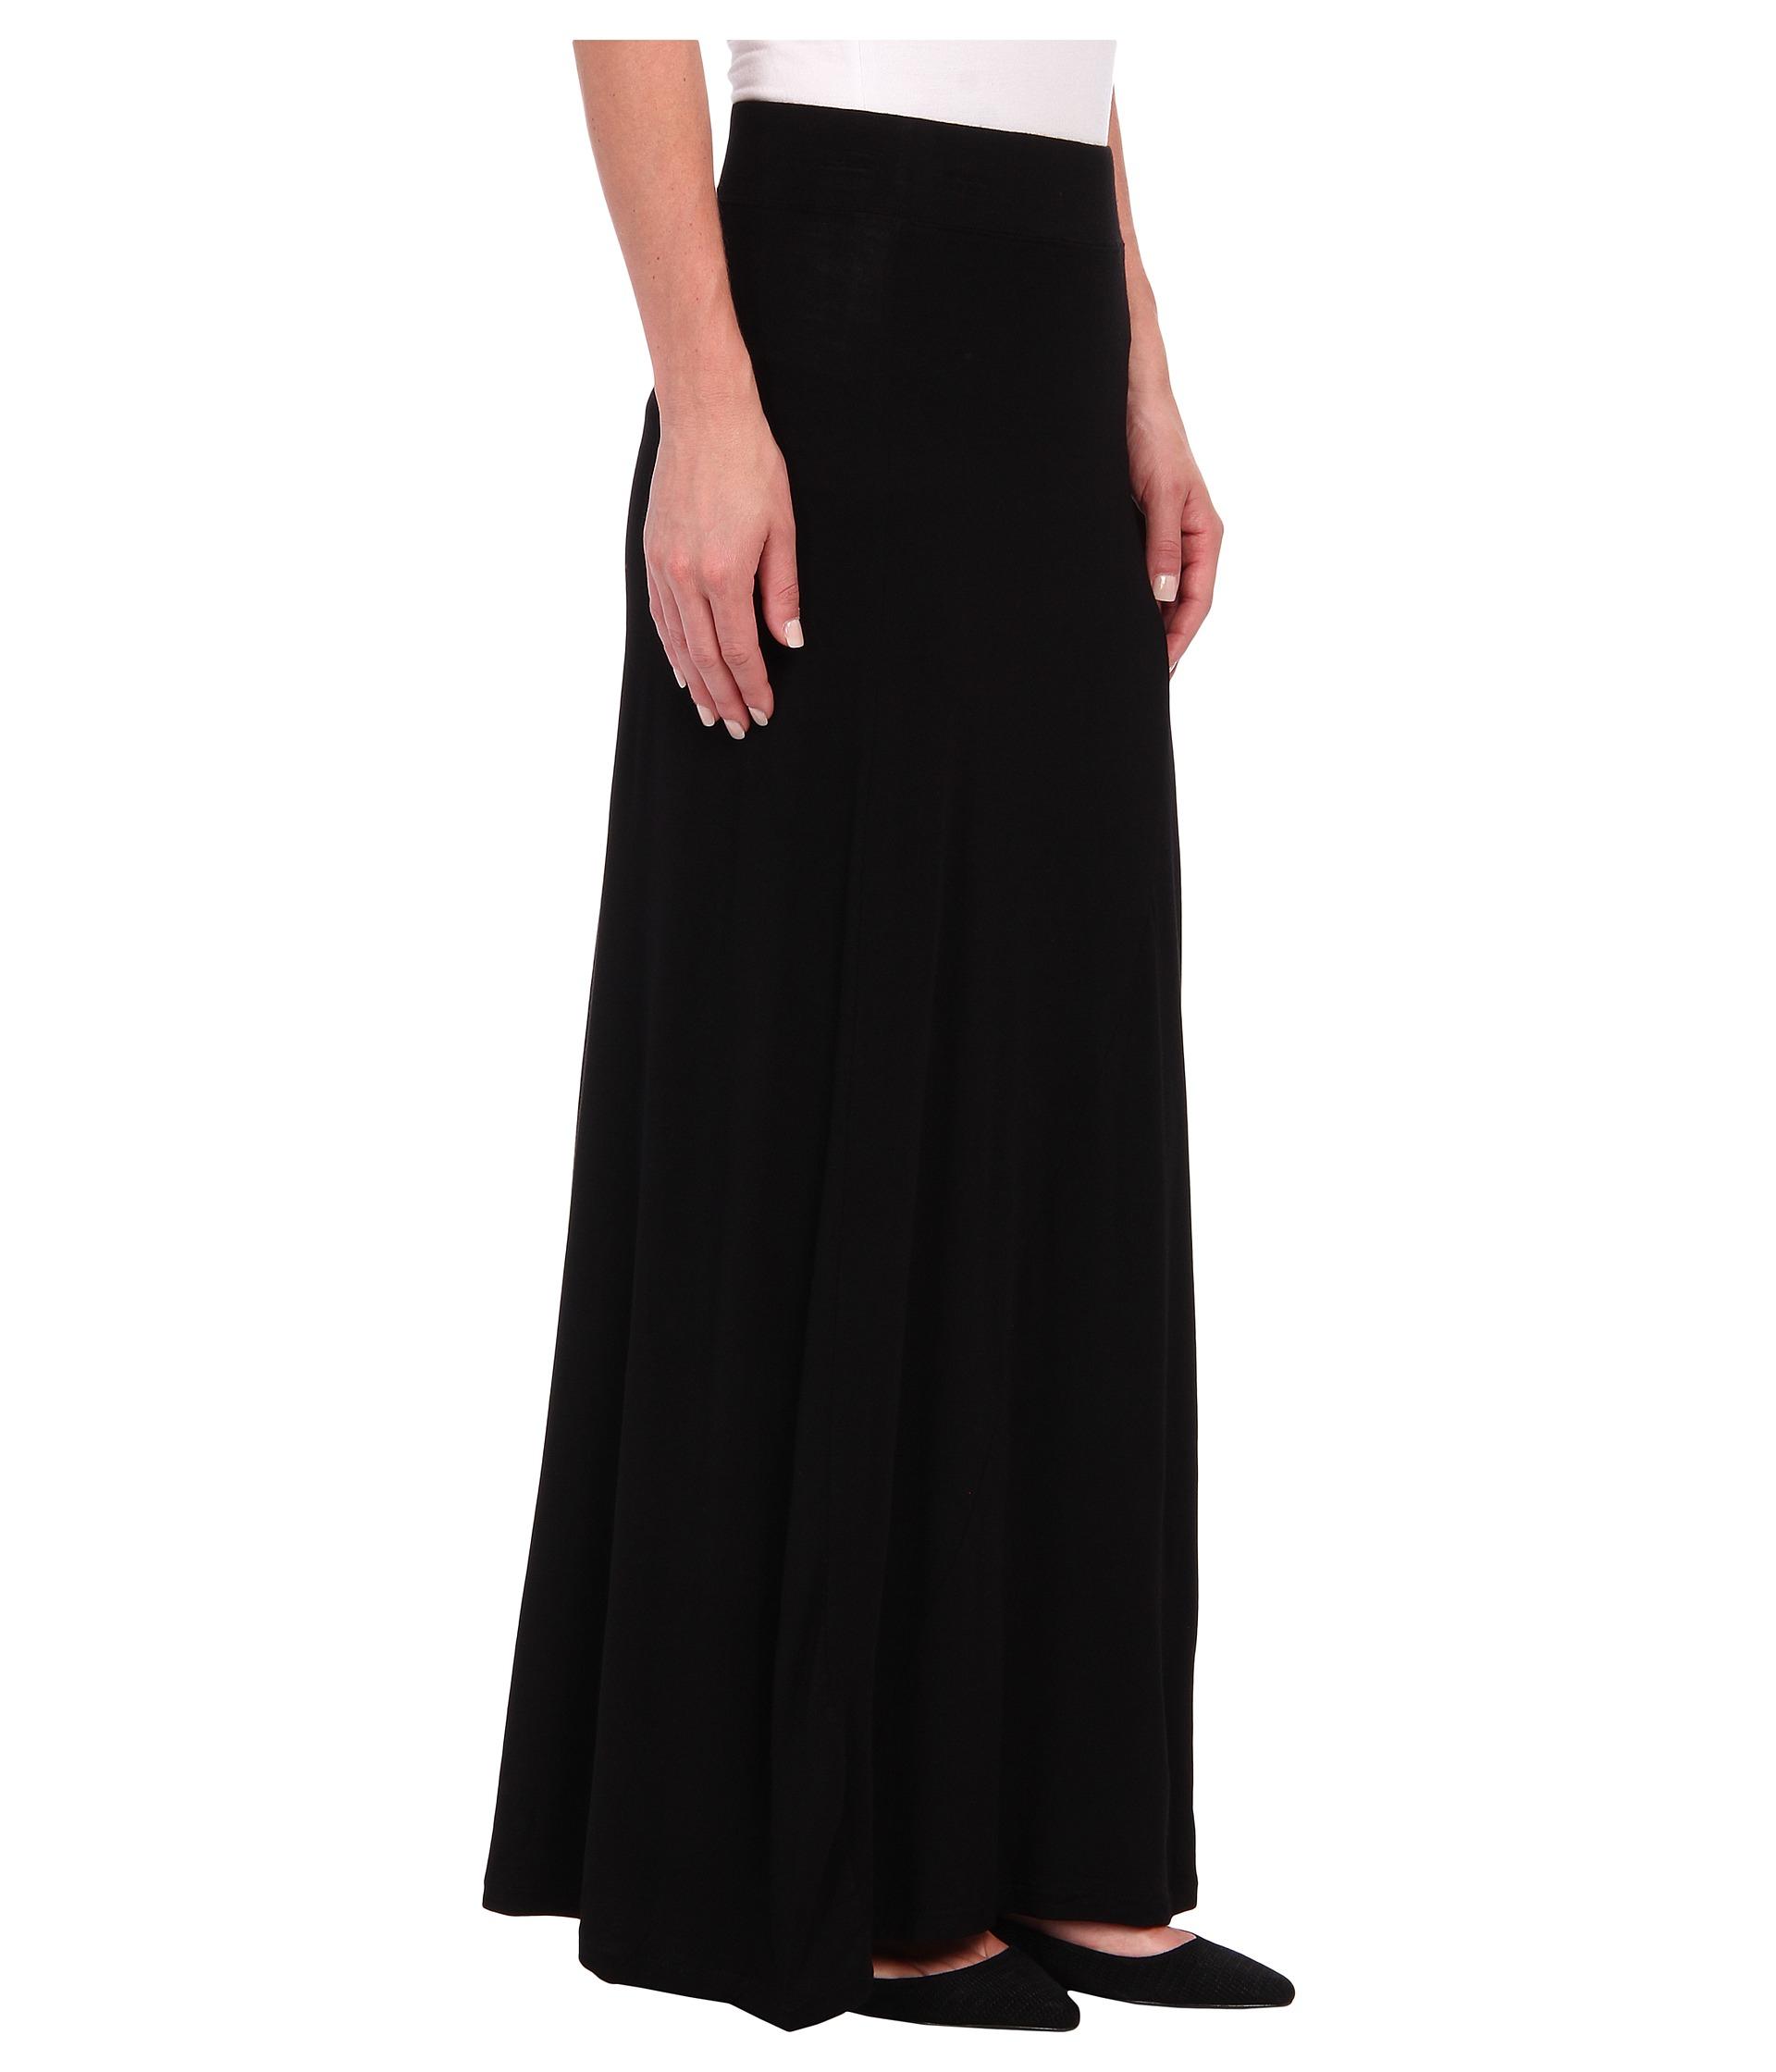 dkny seamed side slit maxi skirt in black noir lyst